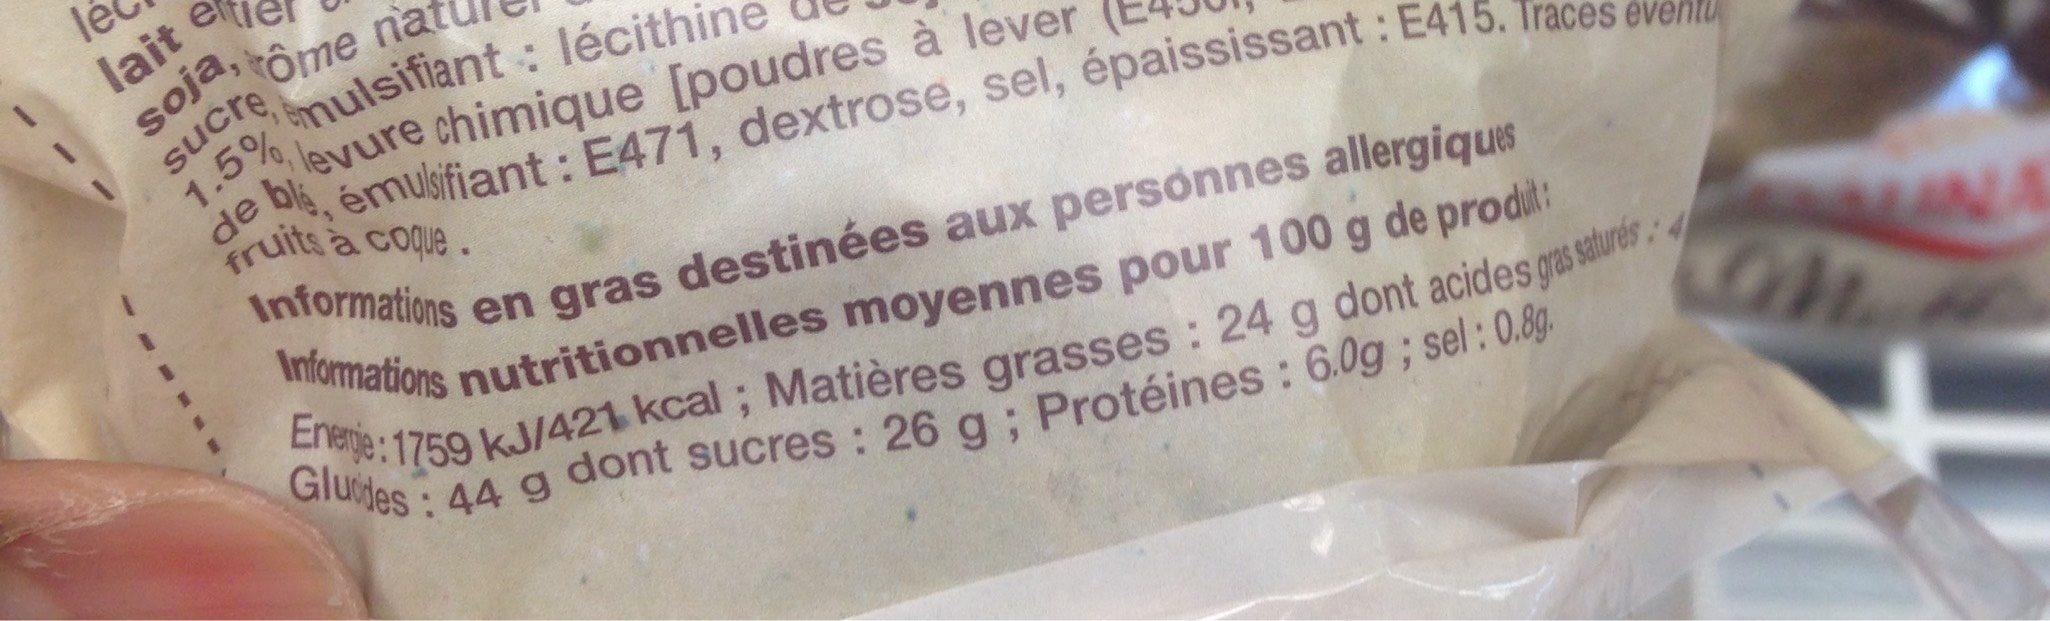 Muffin au chocolat et pépites de chocolat DAUNAT - Informations nutritionnelles